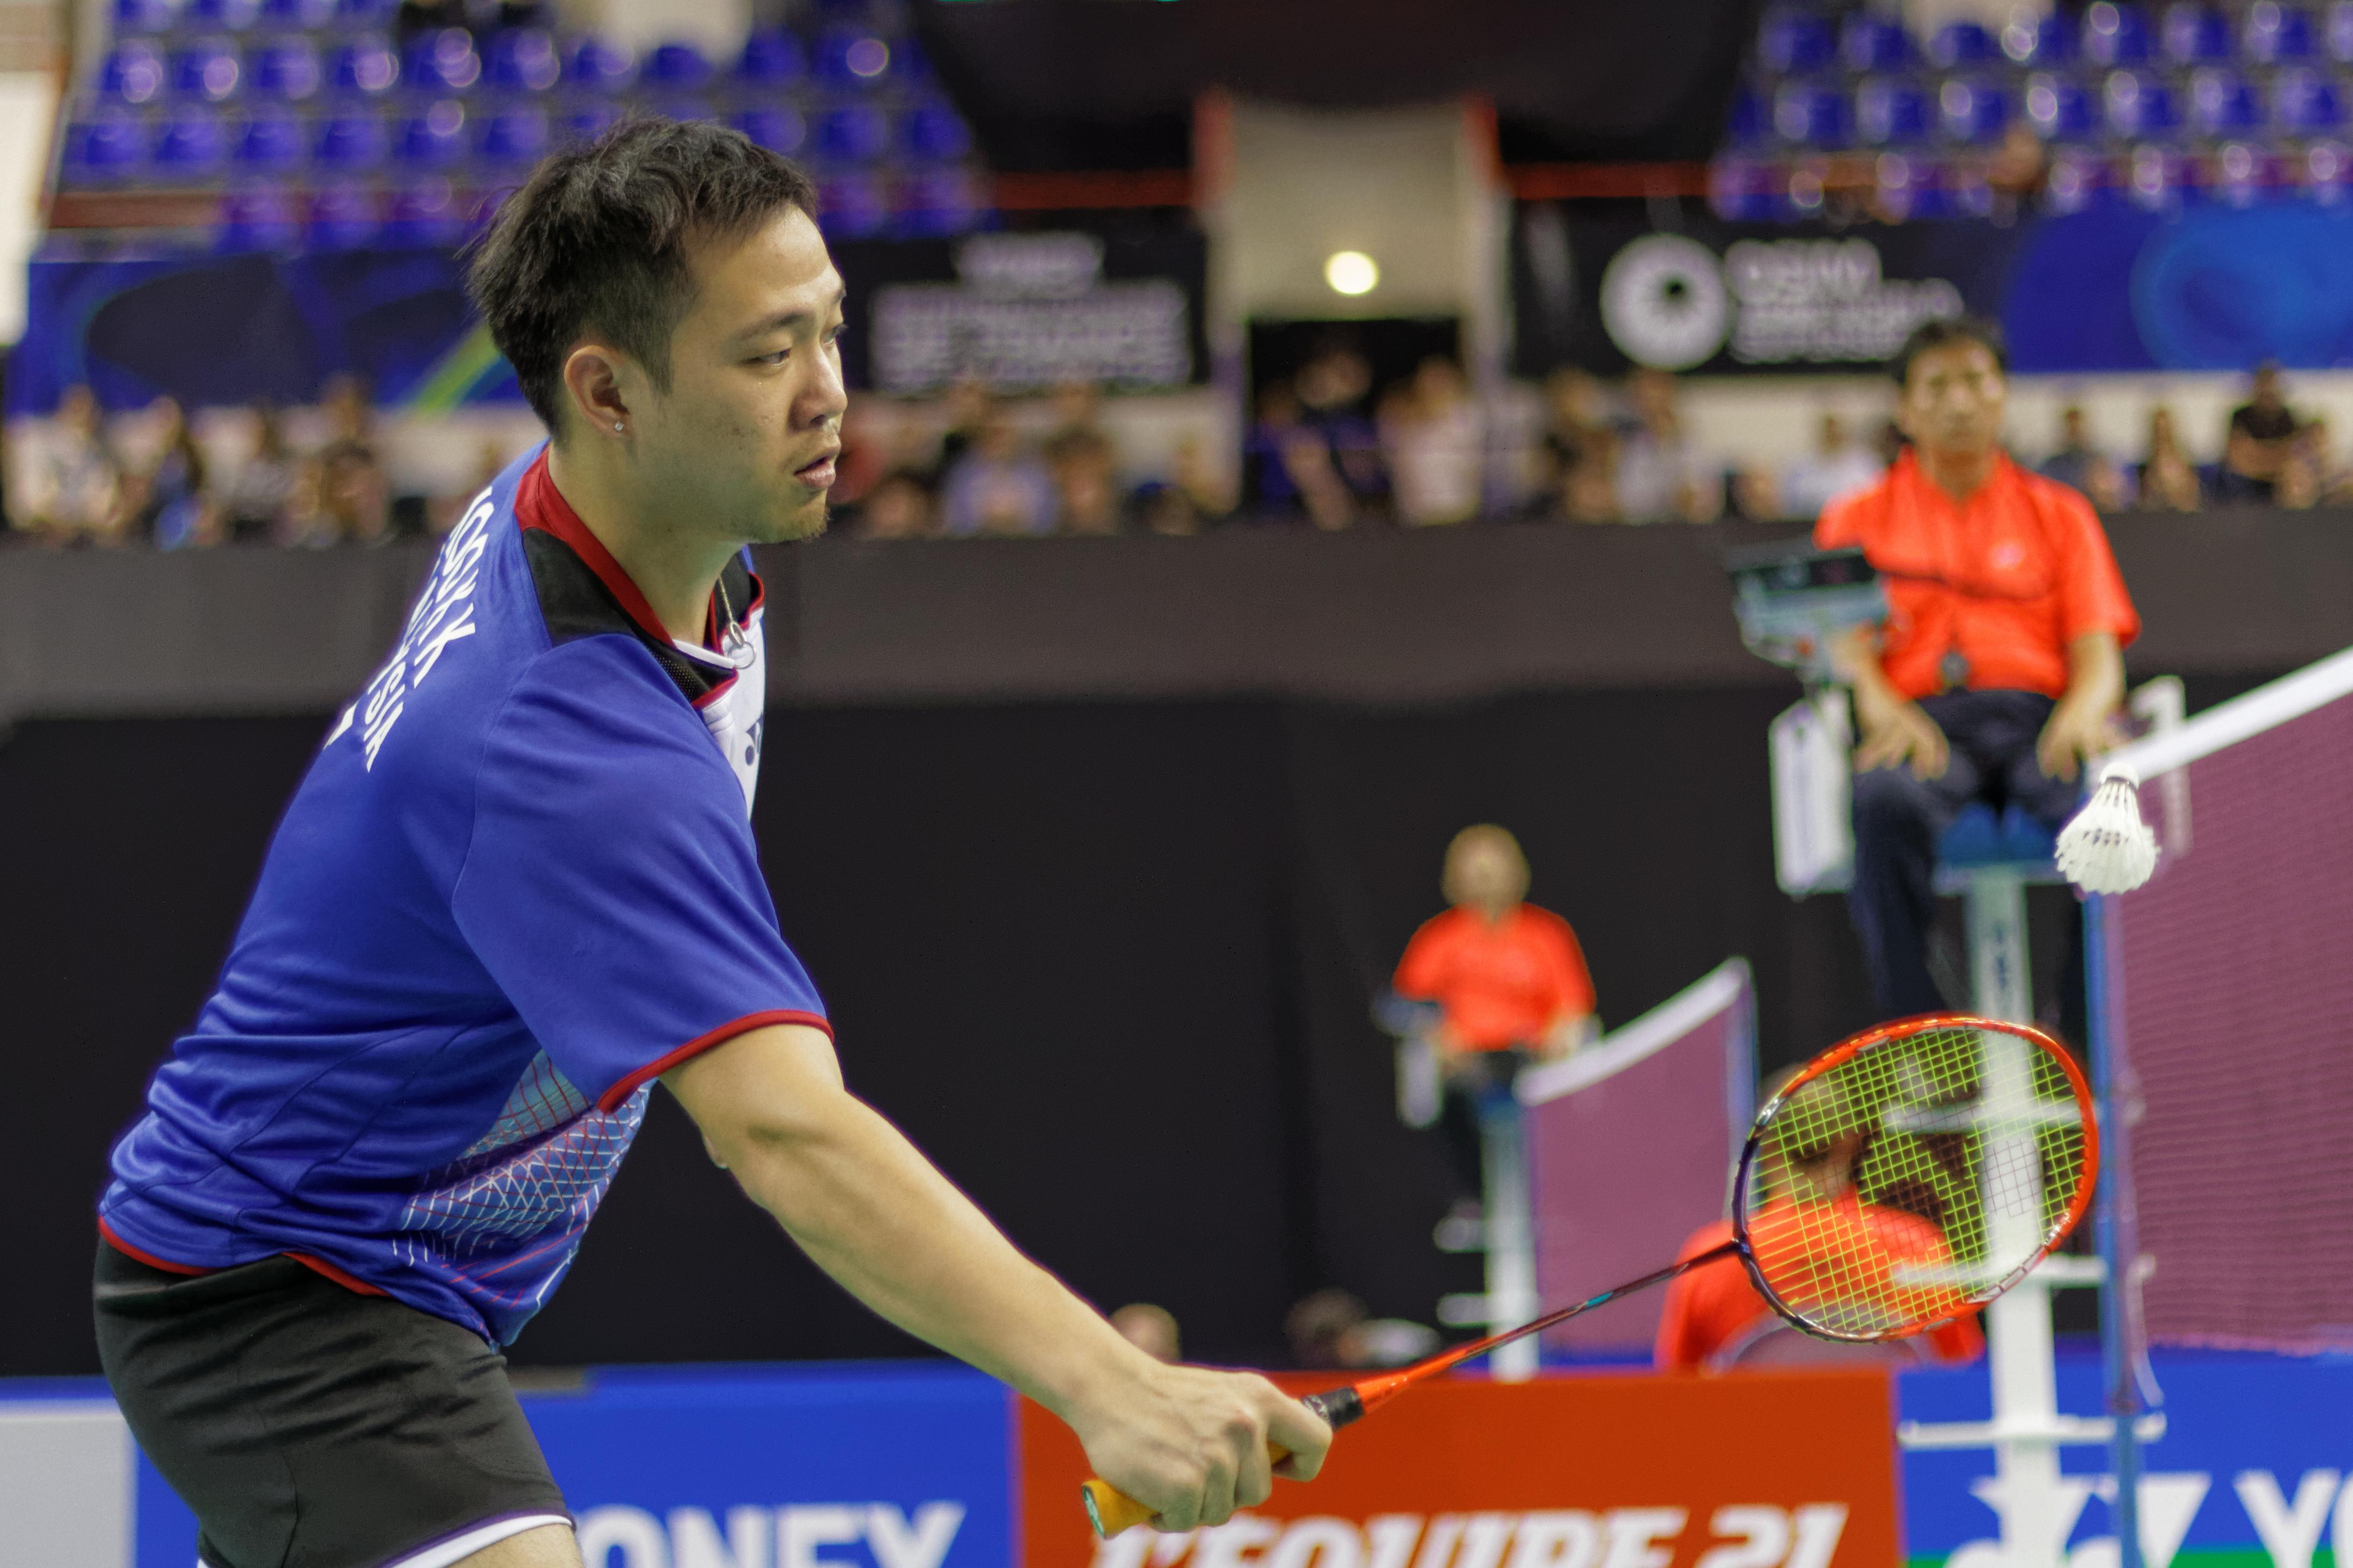 File Yonex IFB 2013 Quarterfinal Koo Kien Keat Tan Boon Heong